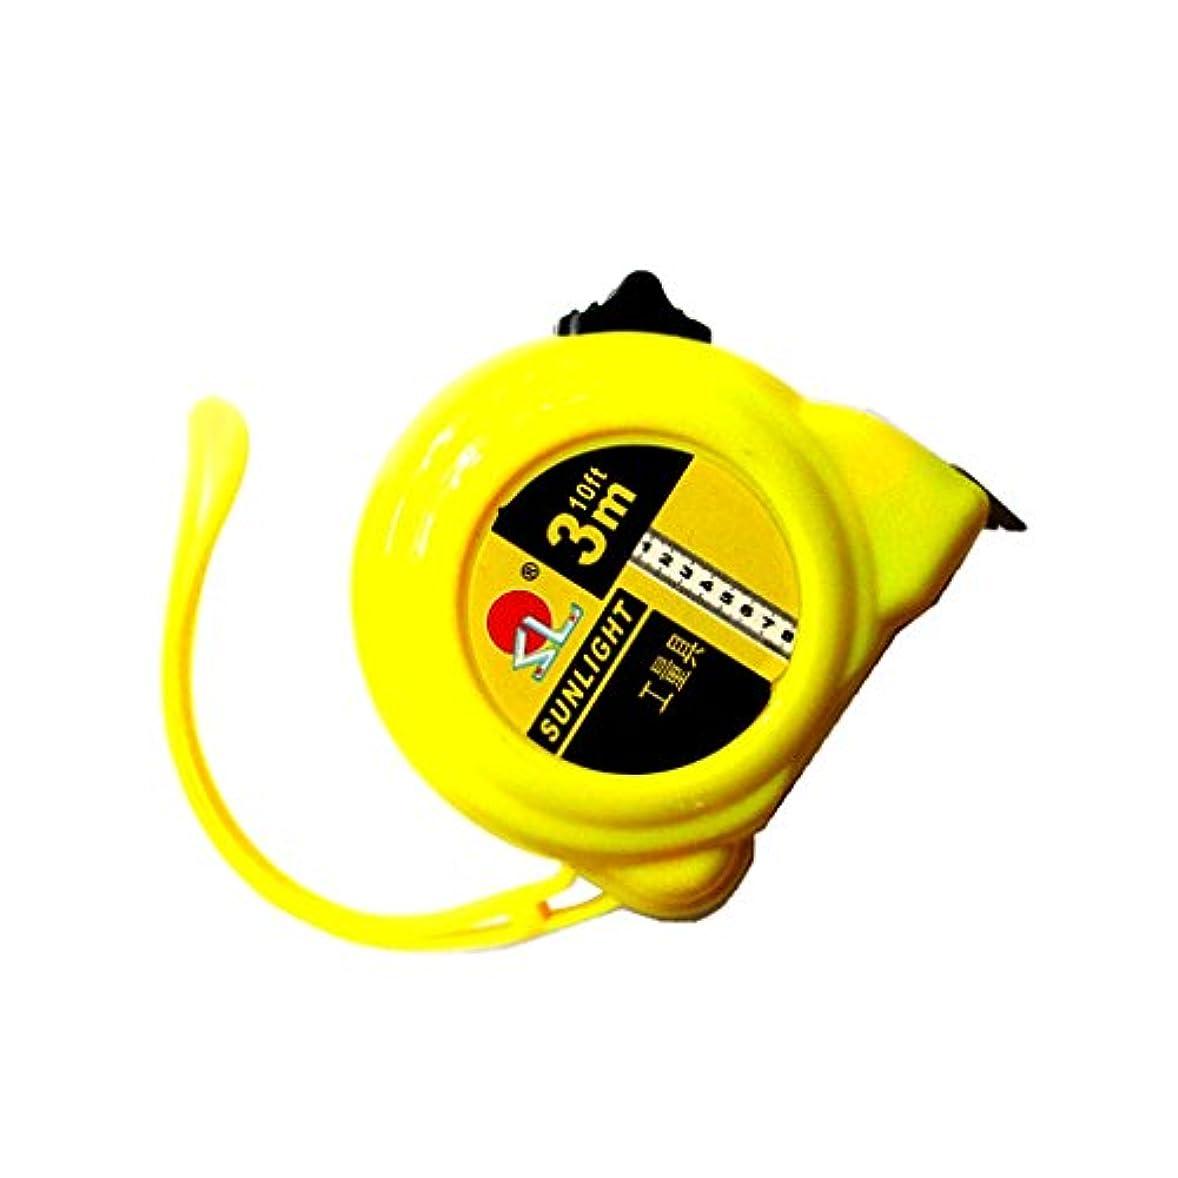 レポートを書くリア王余剰Baosity 巻き尺 テープメジャー インチ/メトリック 伸縮式 測定ツール 3メートル/5メートル